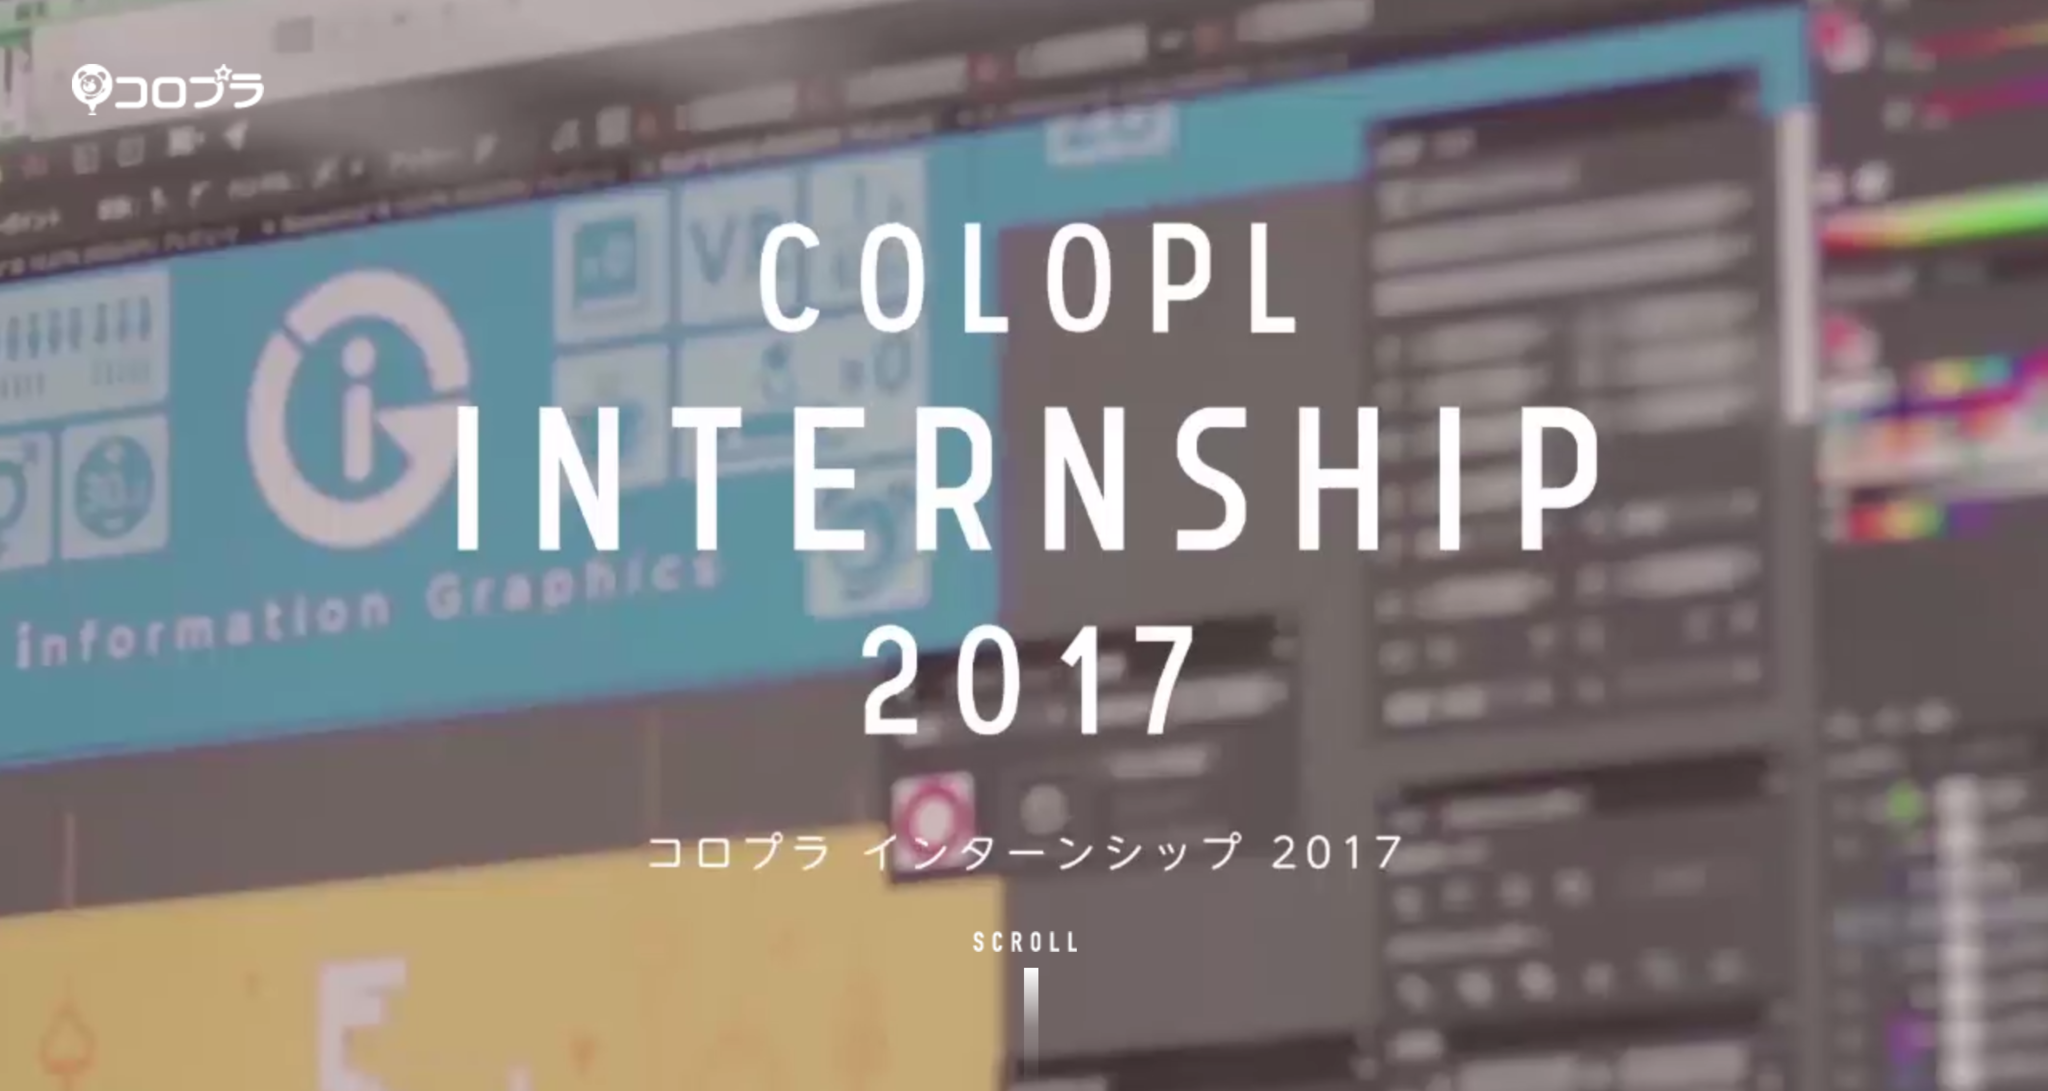 インターンシップ2017 コロプラ.png